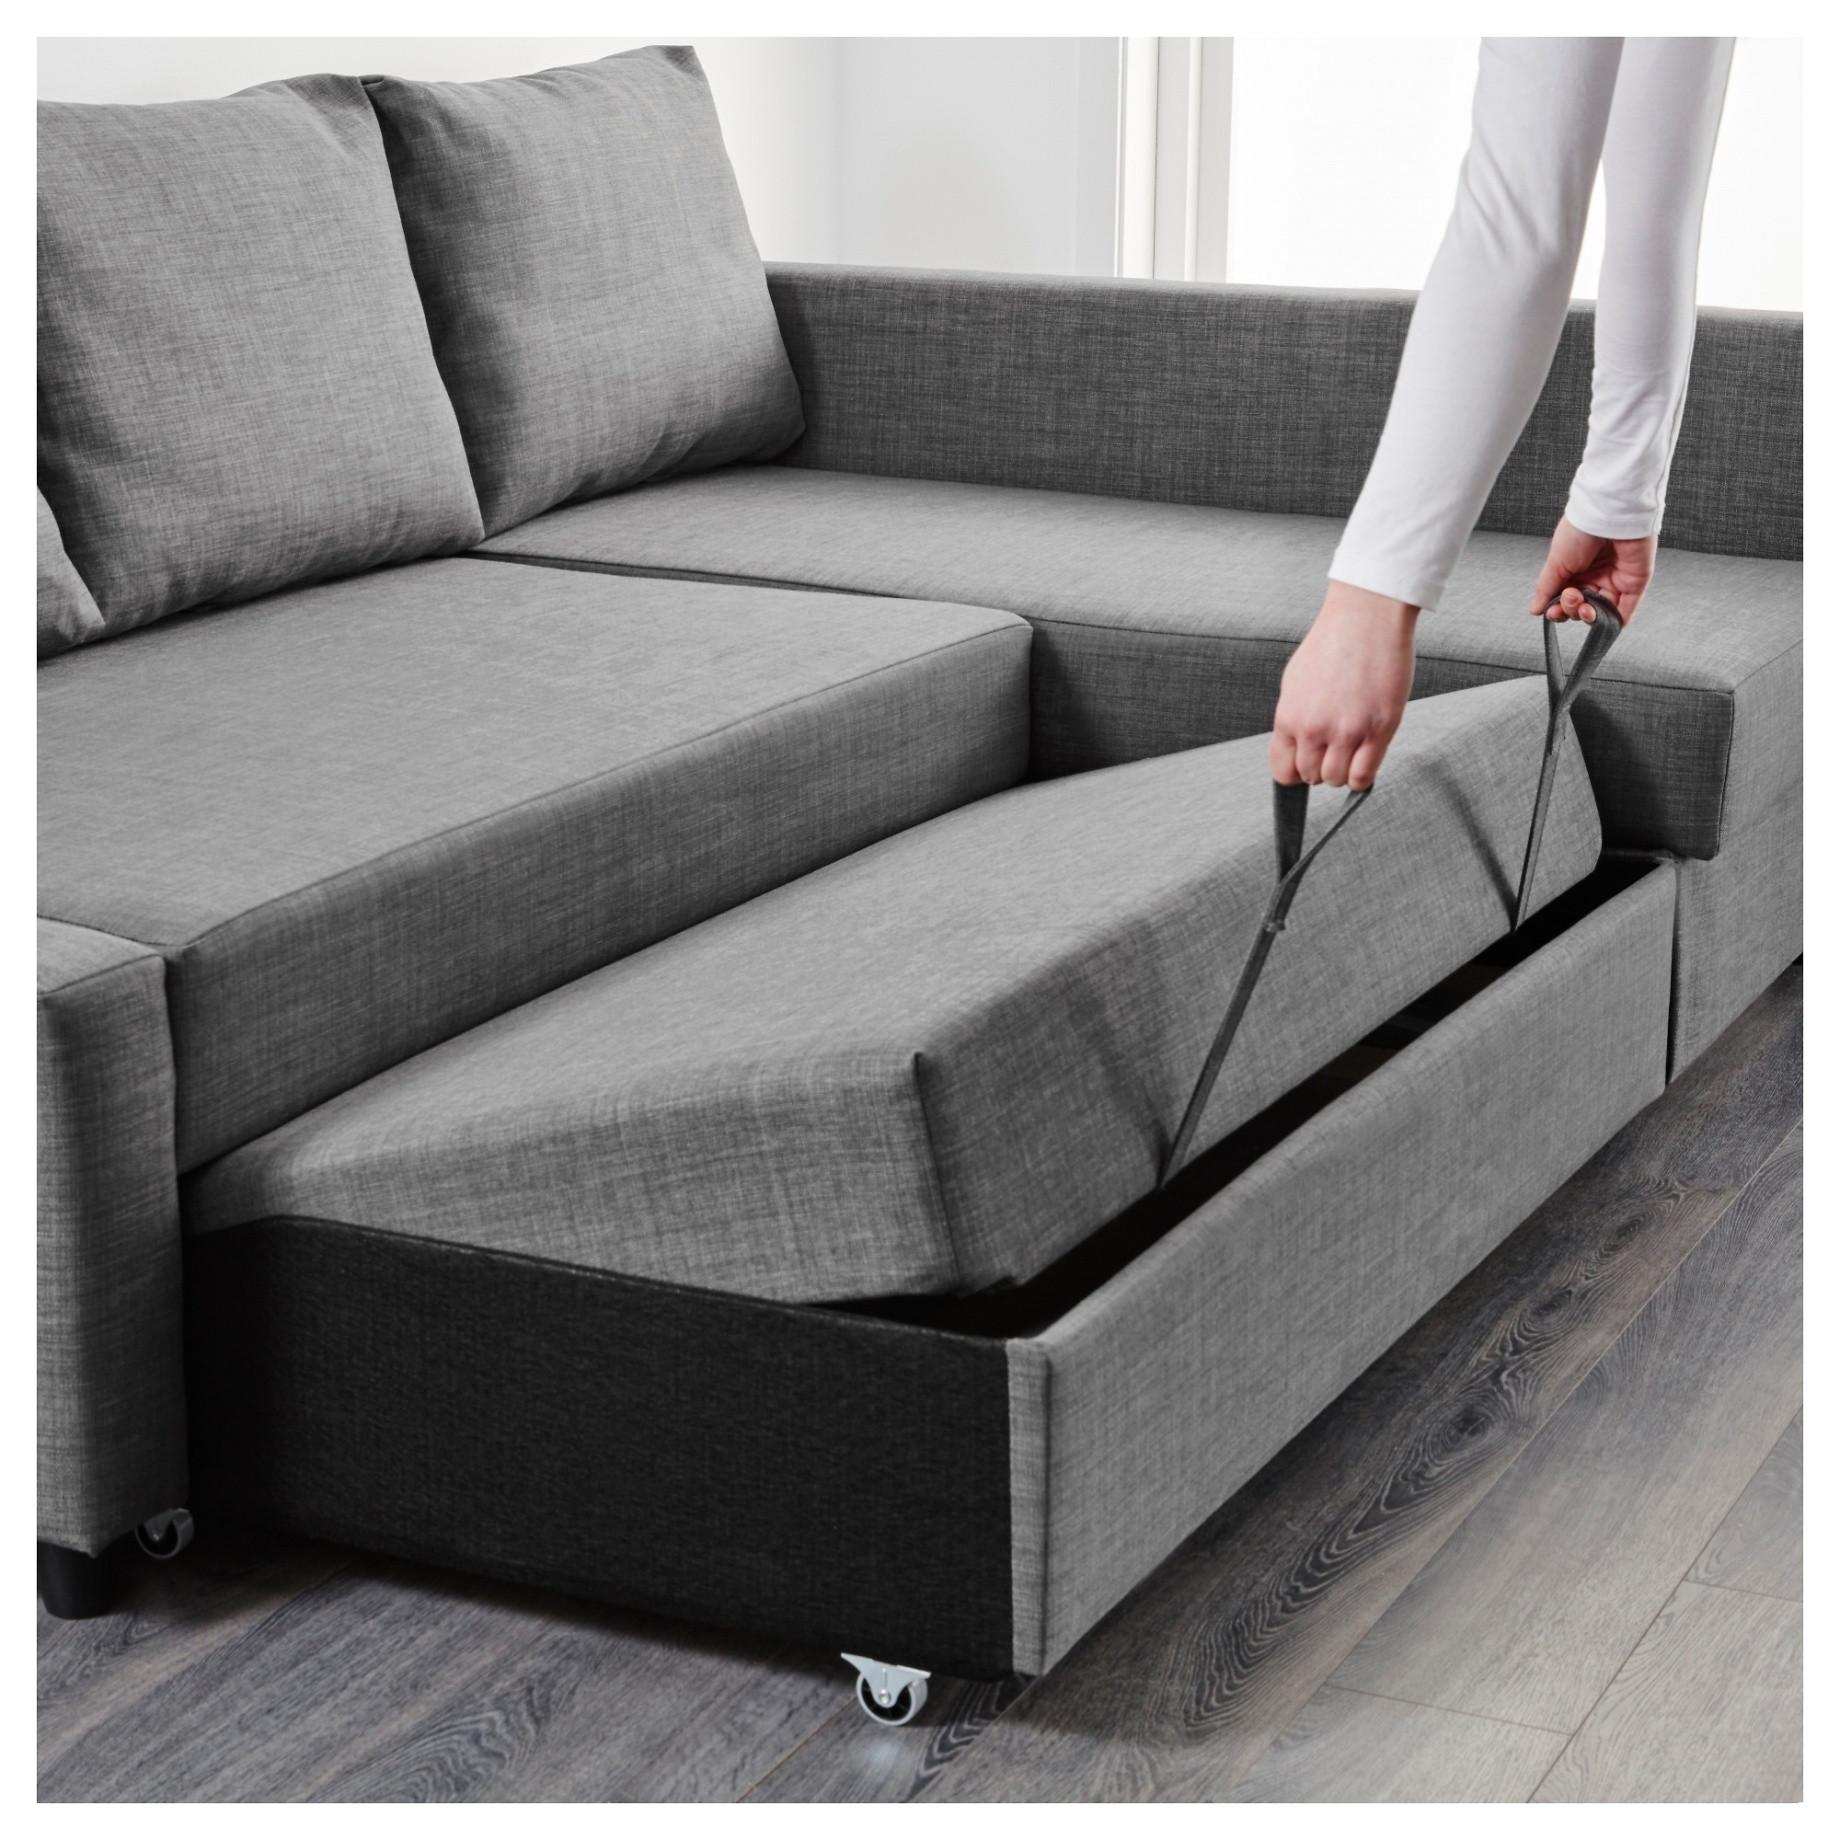 ikea de sofa neu 31 inspirant futon 120 clintonvillearts sammlung ikea de sofa einzigartig 50